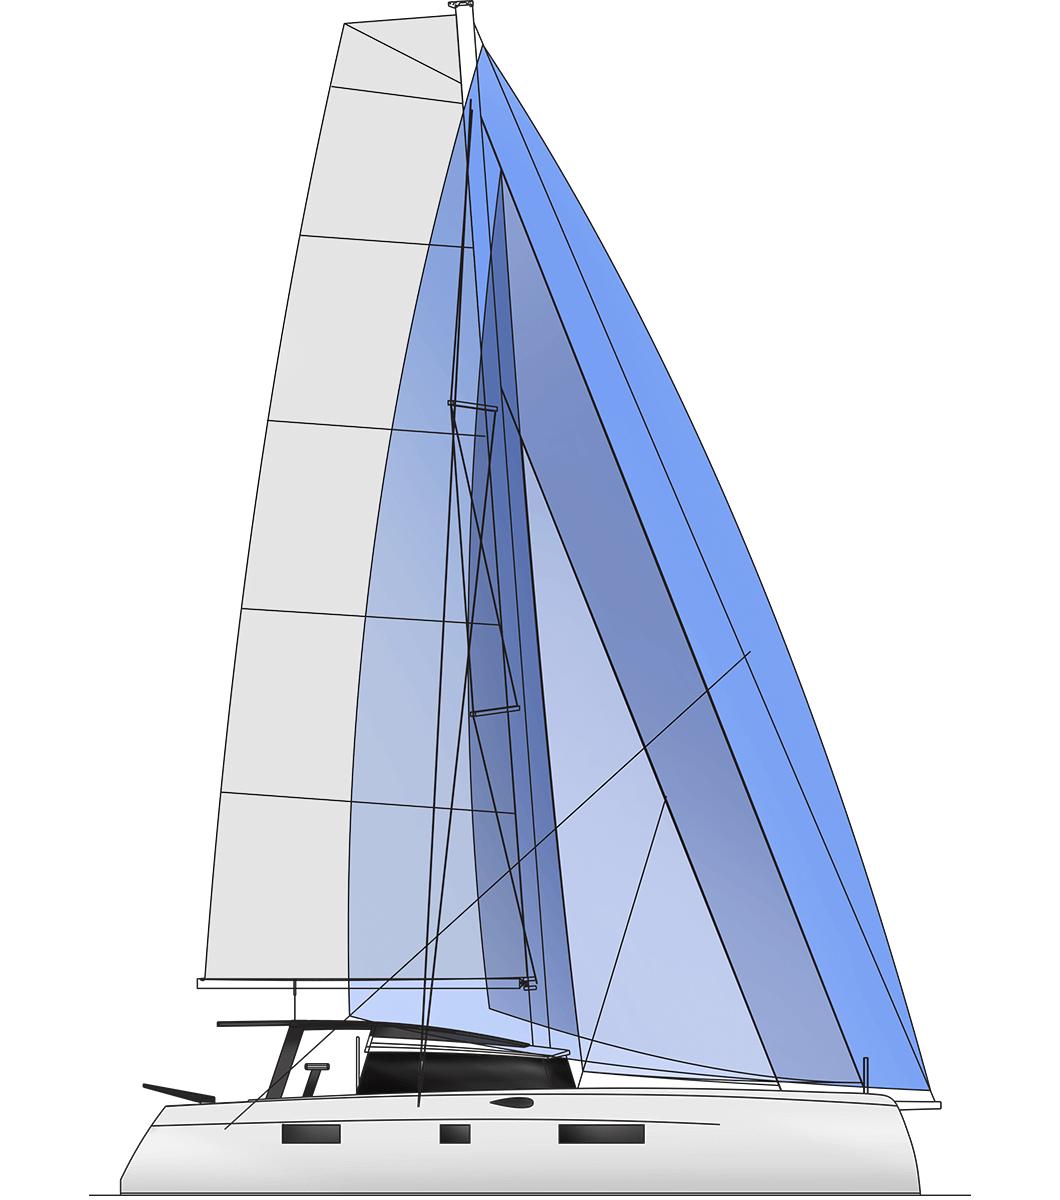 Sailplan VCAT44